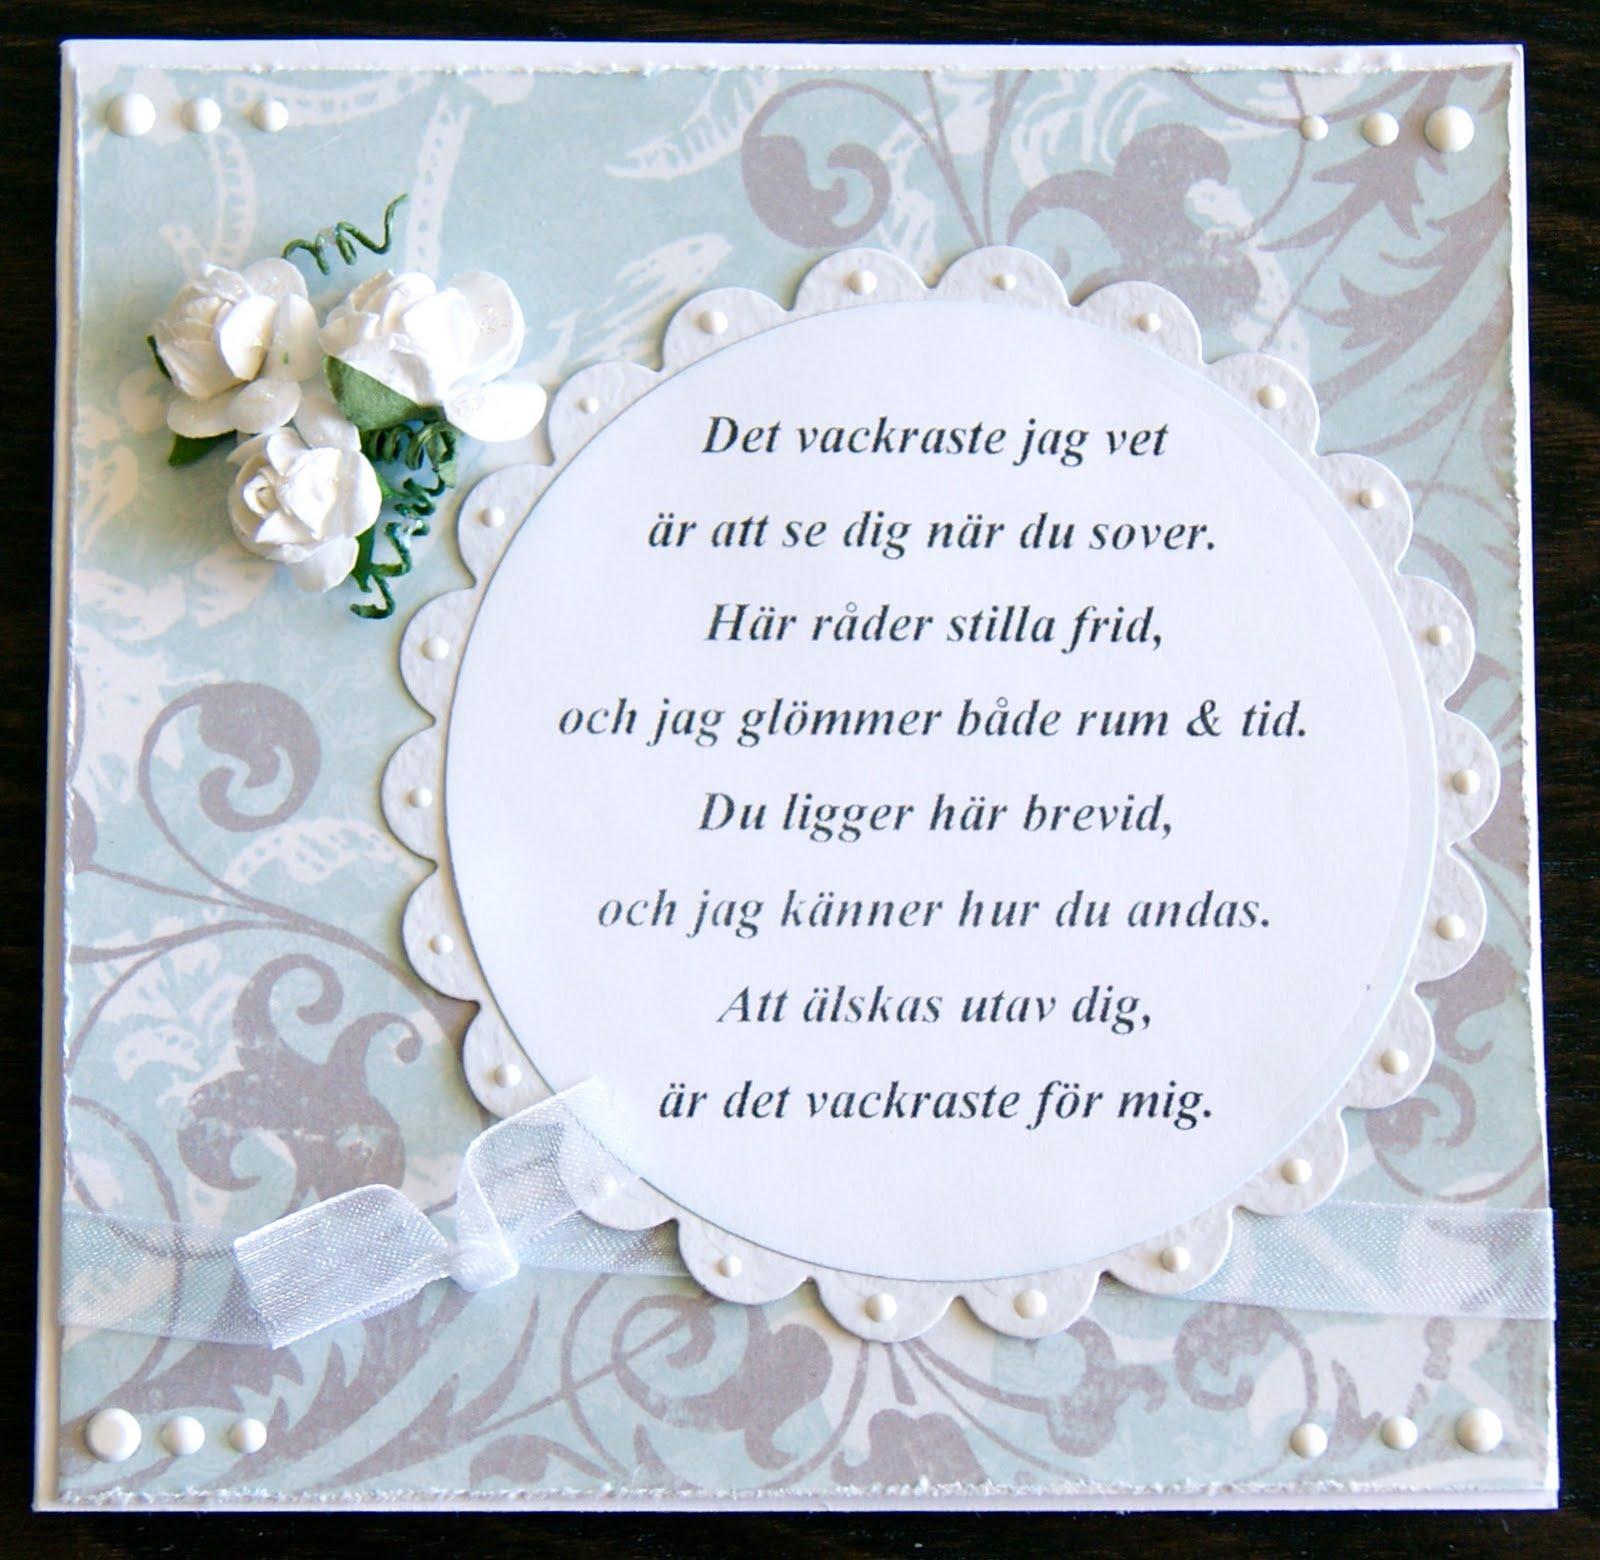 18 års bröllopsdag FruKrok: Bröllopsdag 18 års bröllopsdag